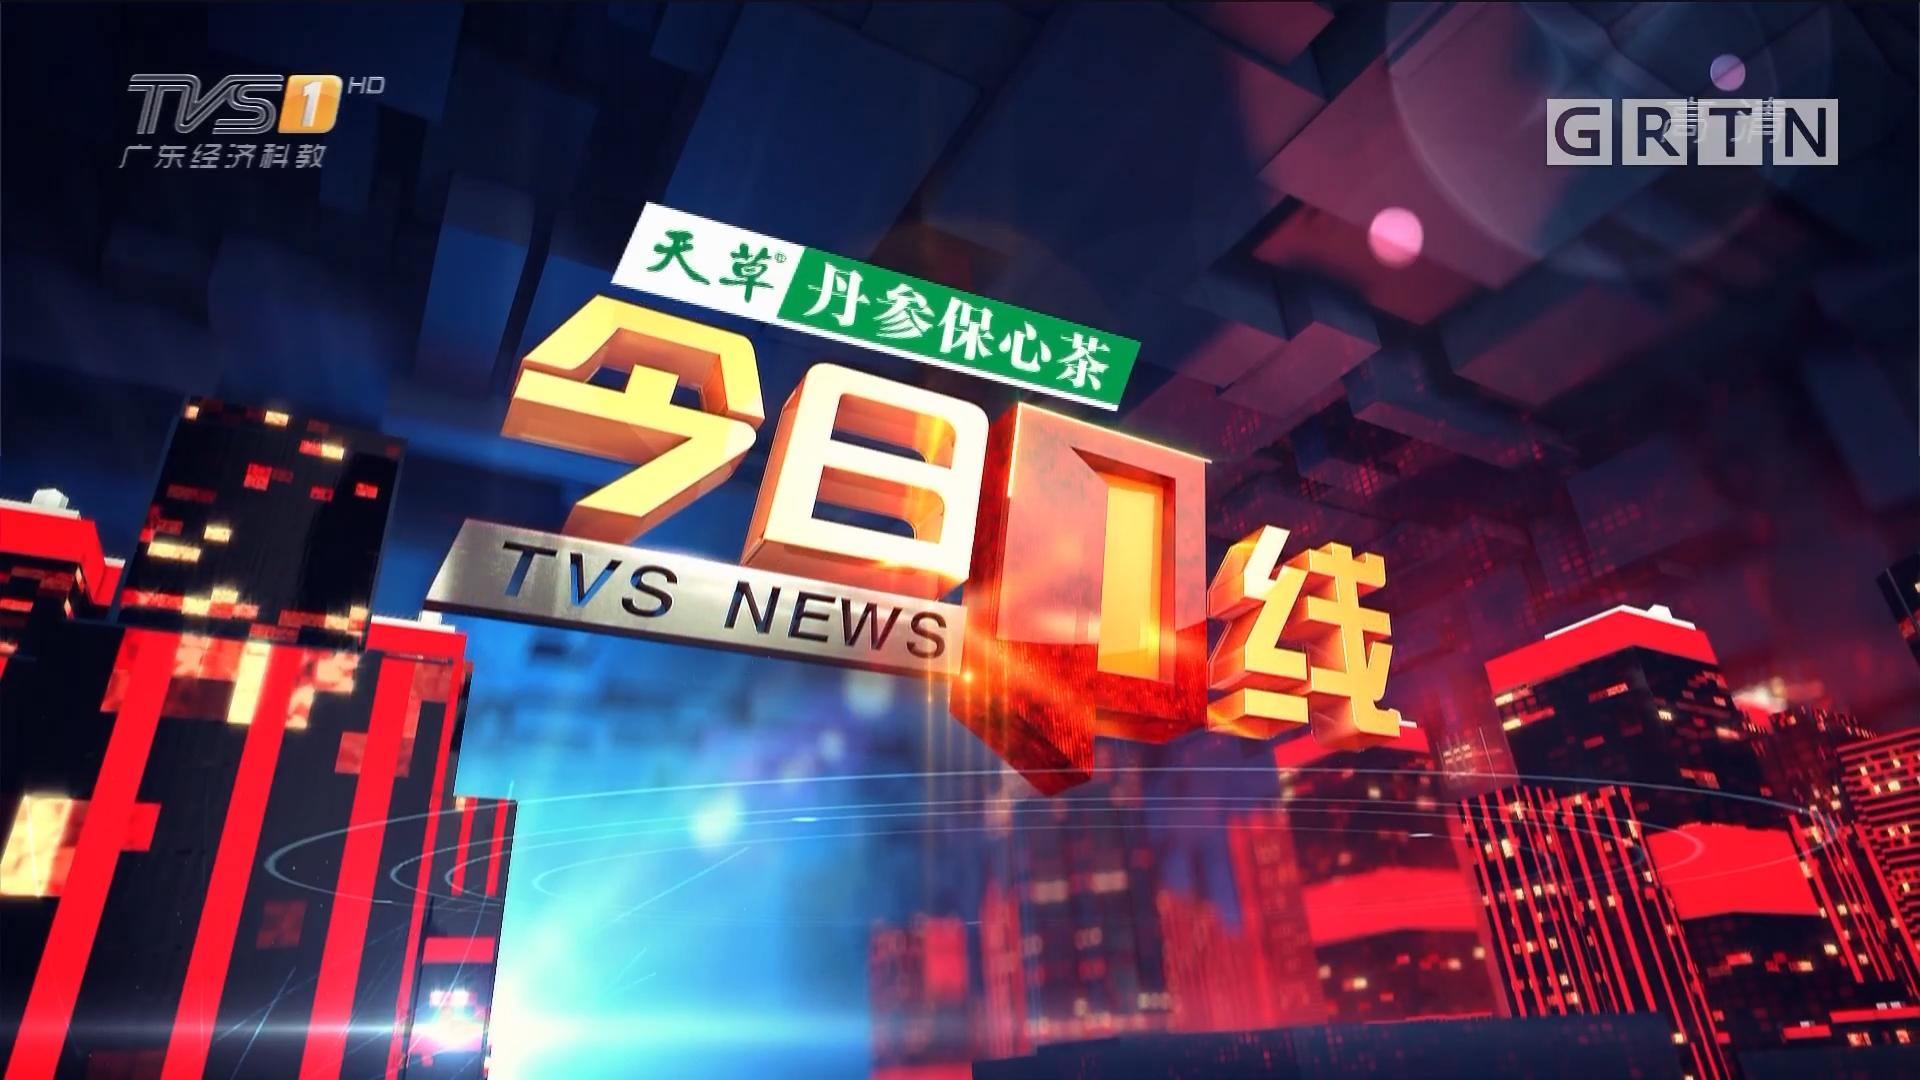 [HD][2017-11-18]今日一线:西藏林芝米林县6.9级地震:主持人亲历地震 正睡觉瞬间被摇醒